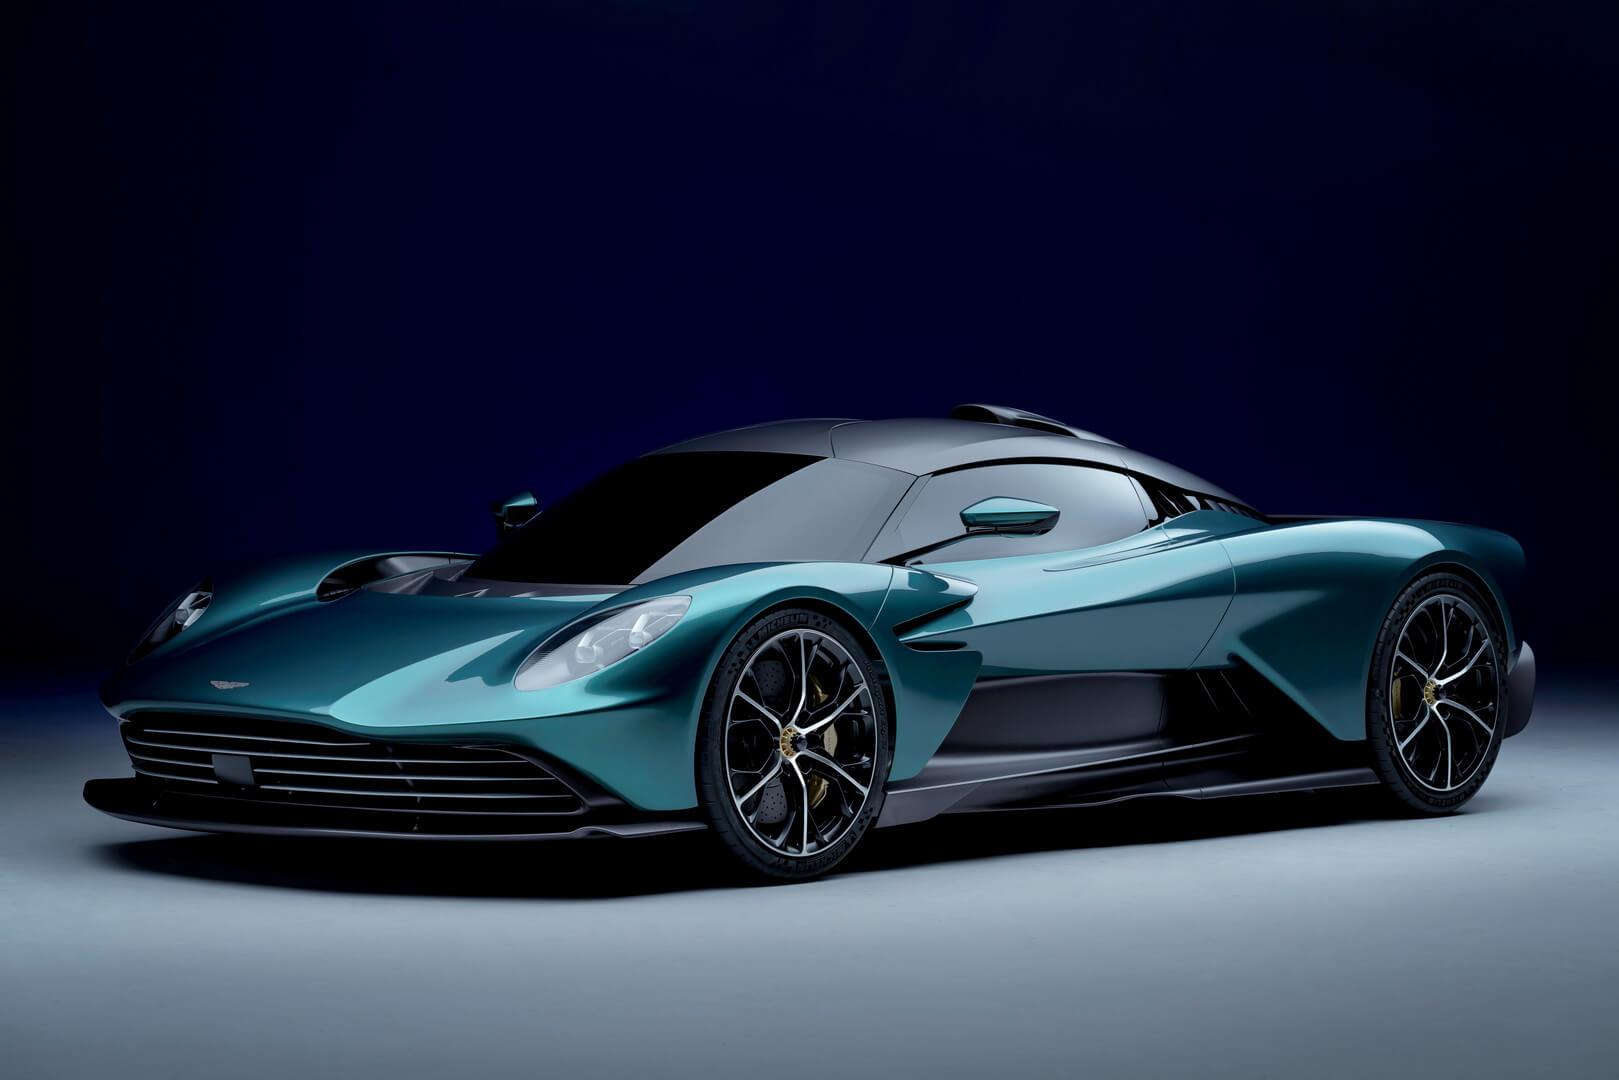 Гиперкар Aston Martin Valhalla оснащается гибридной силовой установкой иможет разгоняться до330км/ч